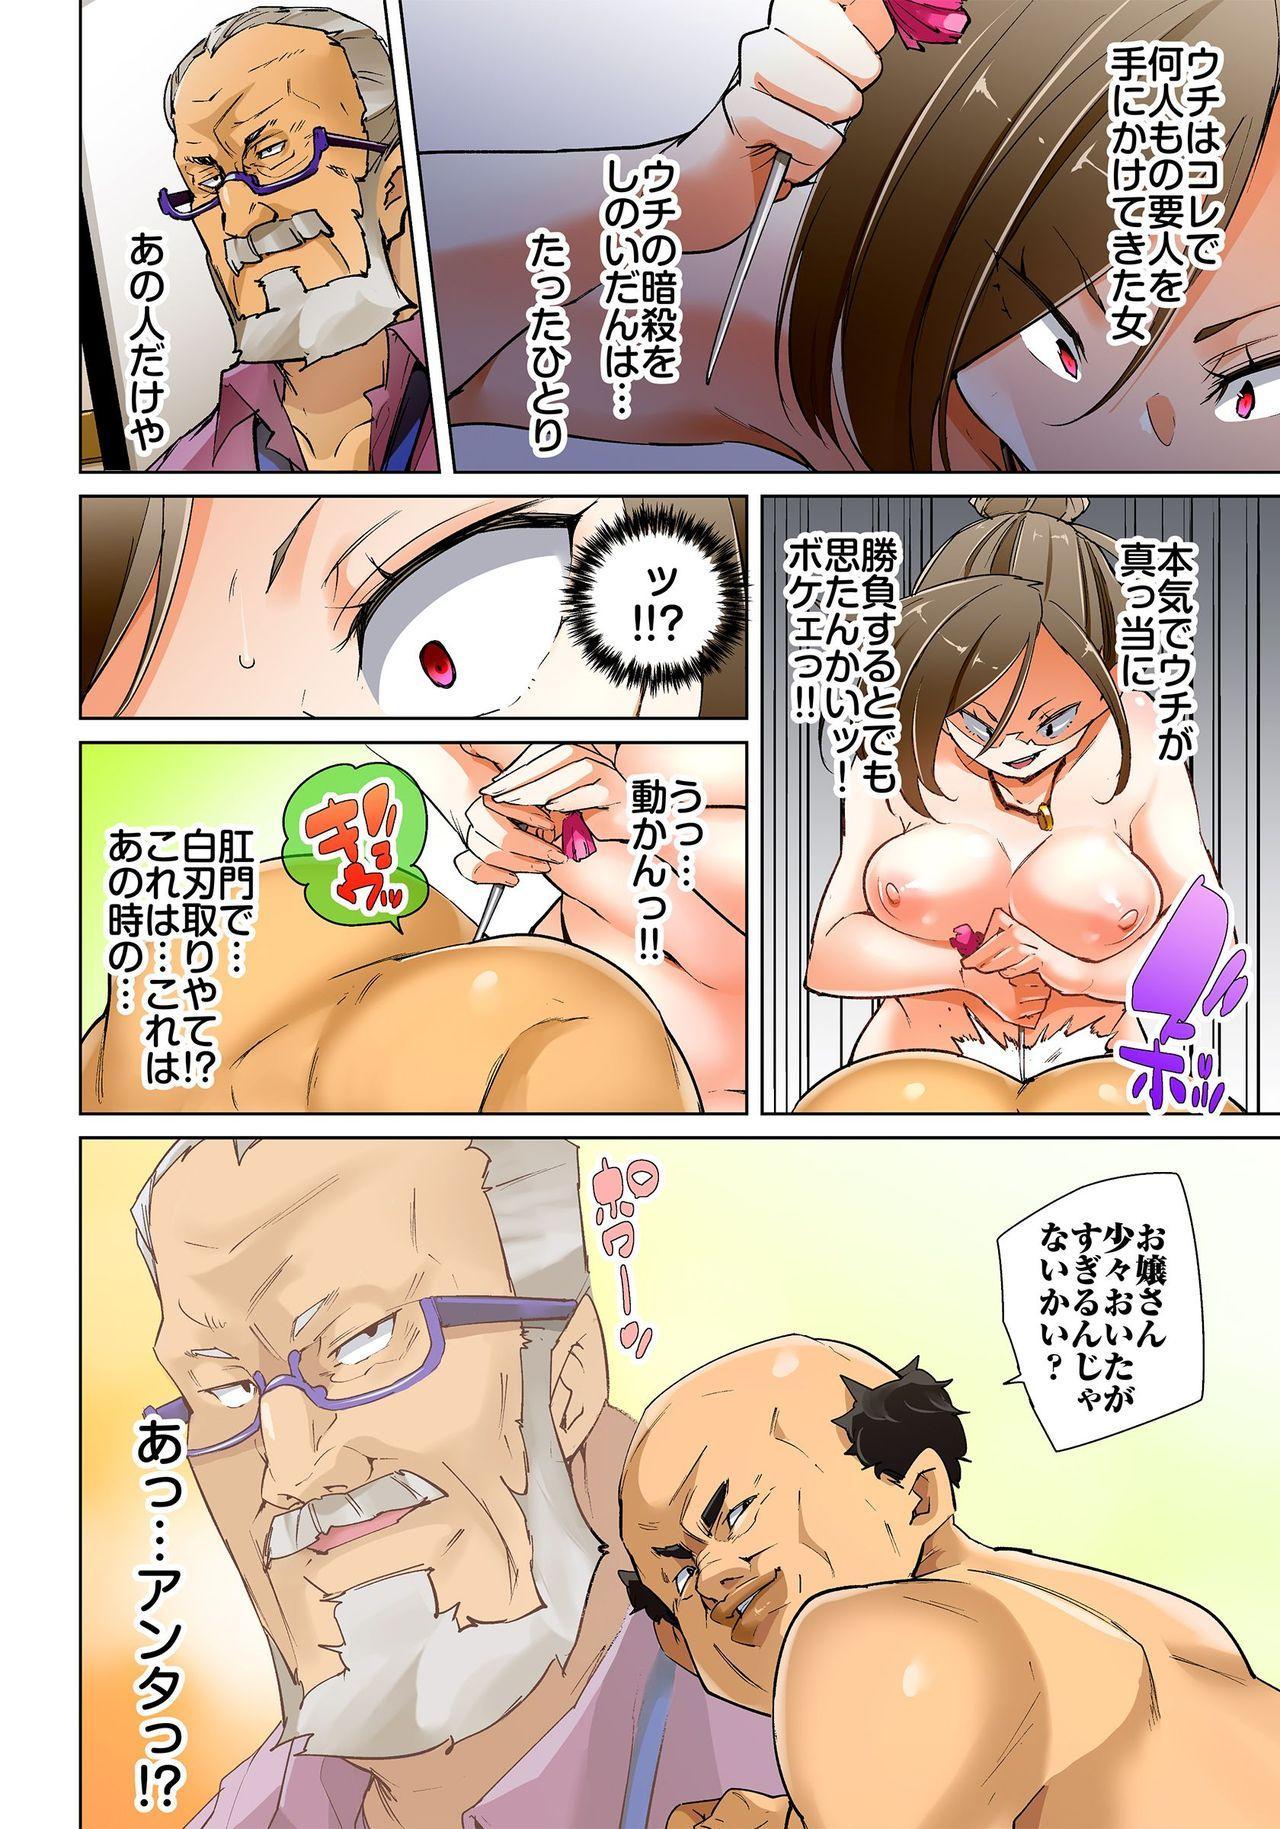 [Marui Maru] Hattara Yarechau!? Ero Seal ~Wagamama JK no Asoko o Tatta 1-mai de Dorei ni~ 1-14 [Digital] 377